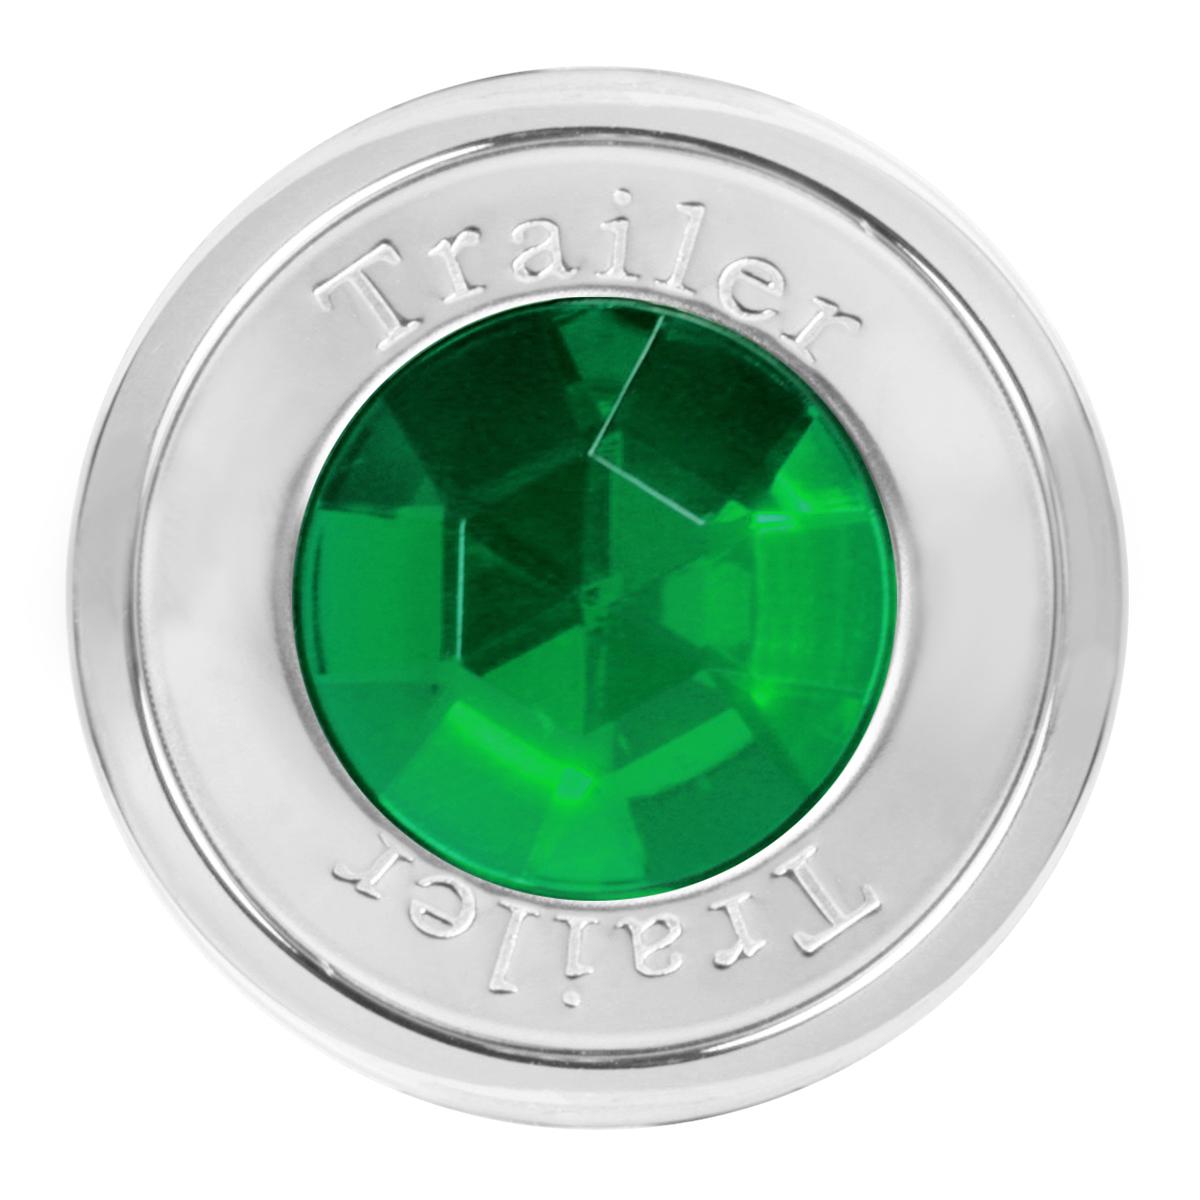 95823 Trailer Air Control Knob w/ Green Crystal